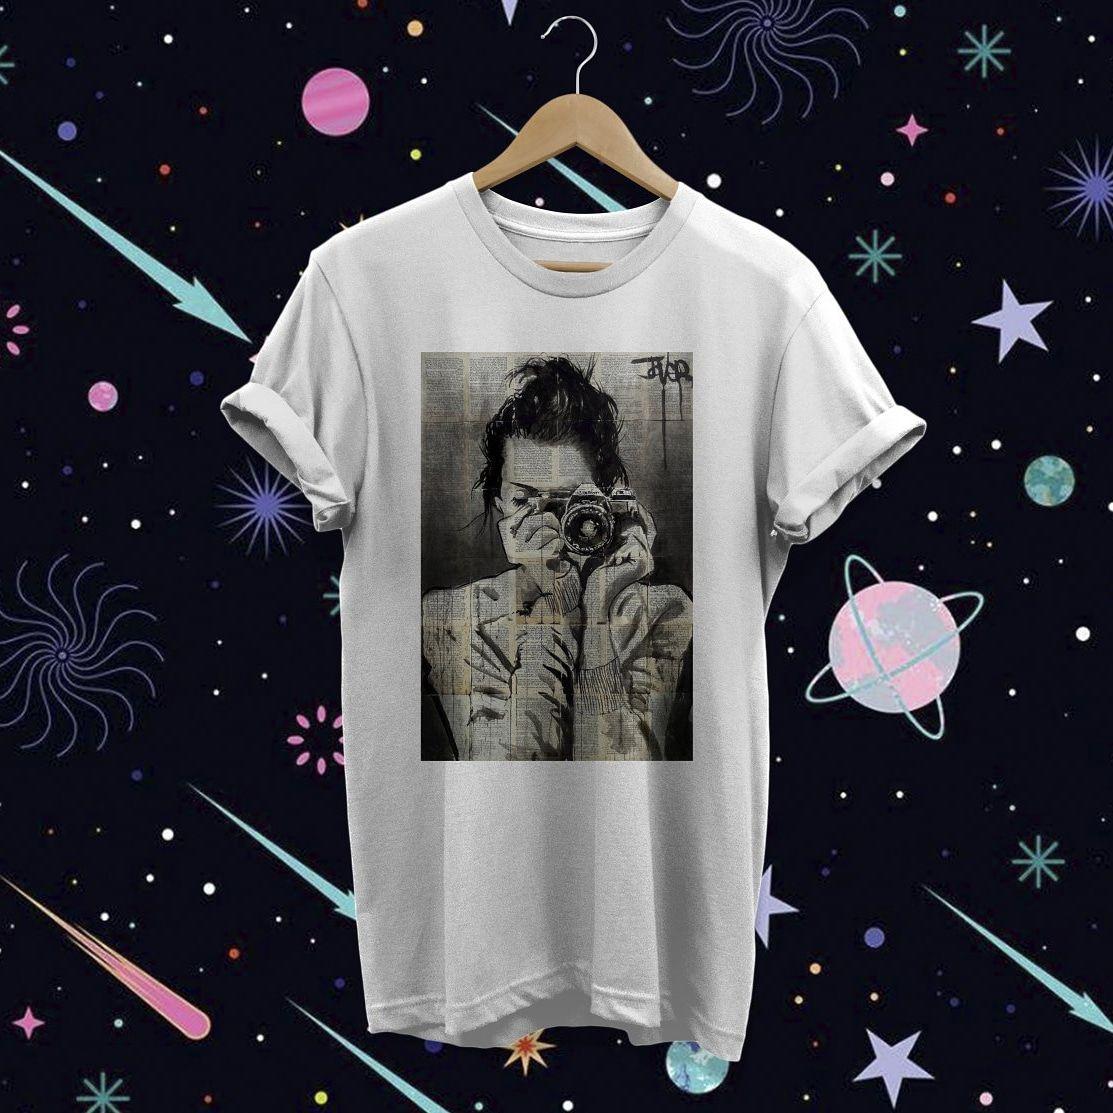 t-shirt-pasazhonline-product-samole-hoodie